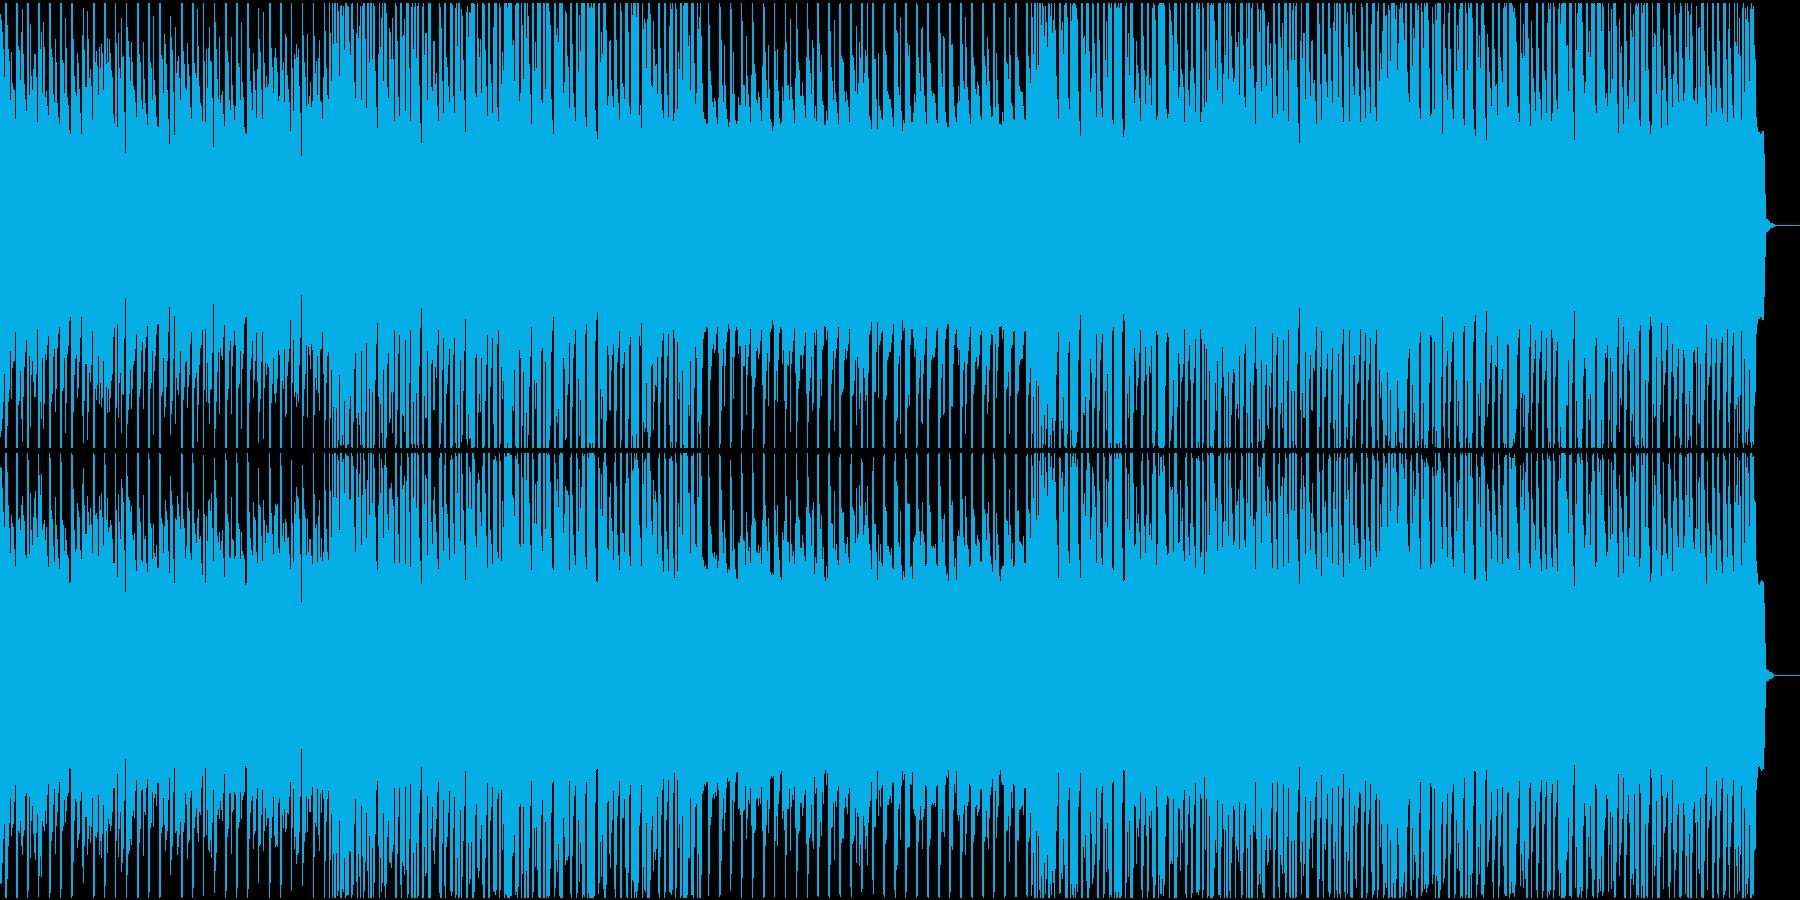 オールドな雰囲気のテクノ・ユーロビートの再生済みの波形